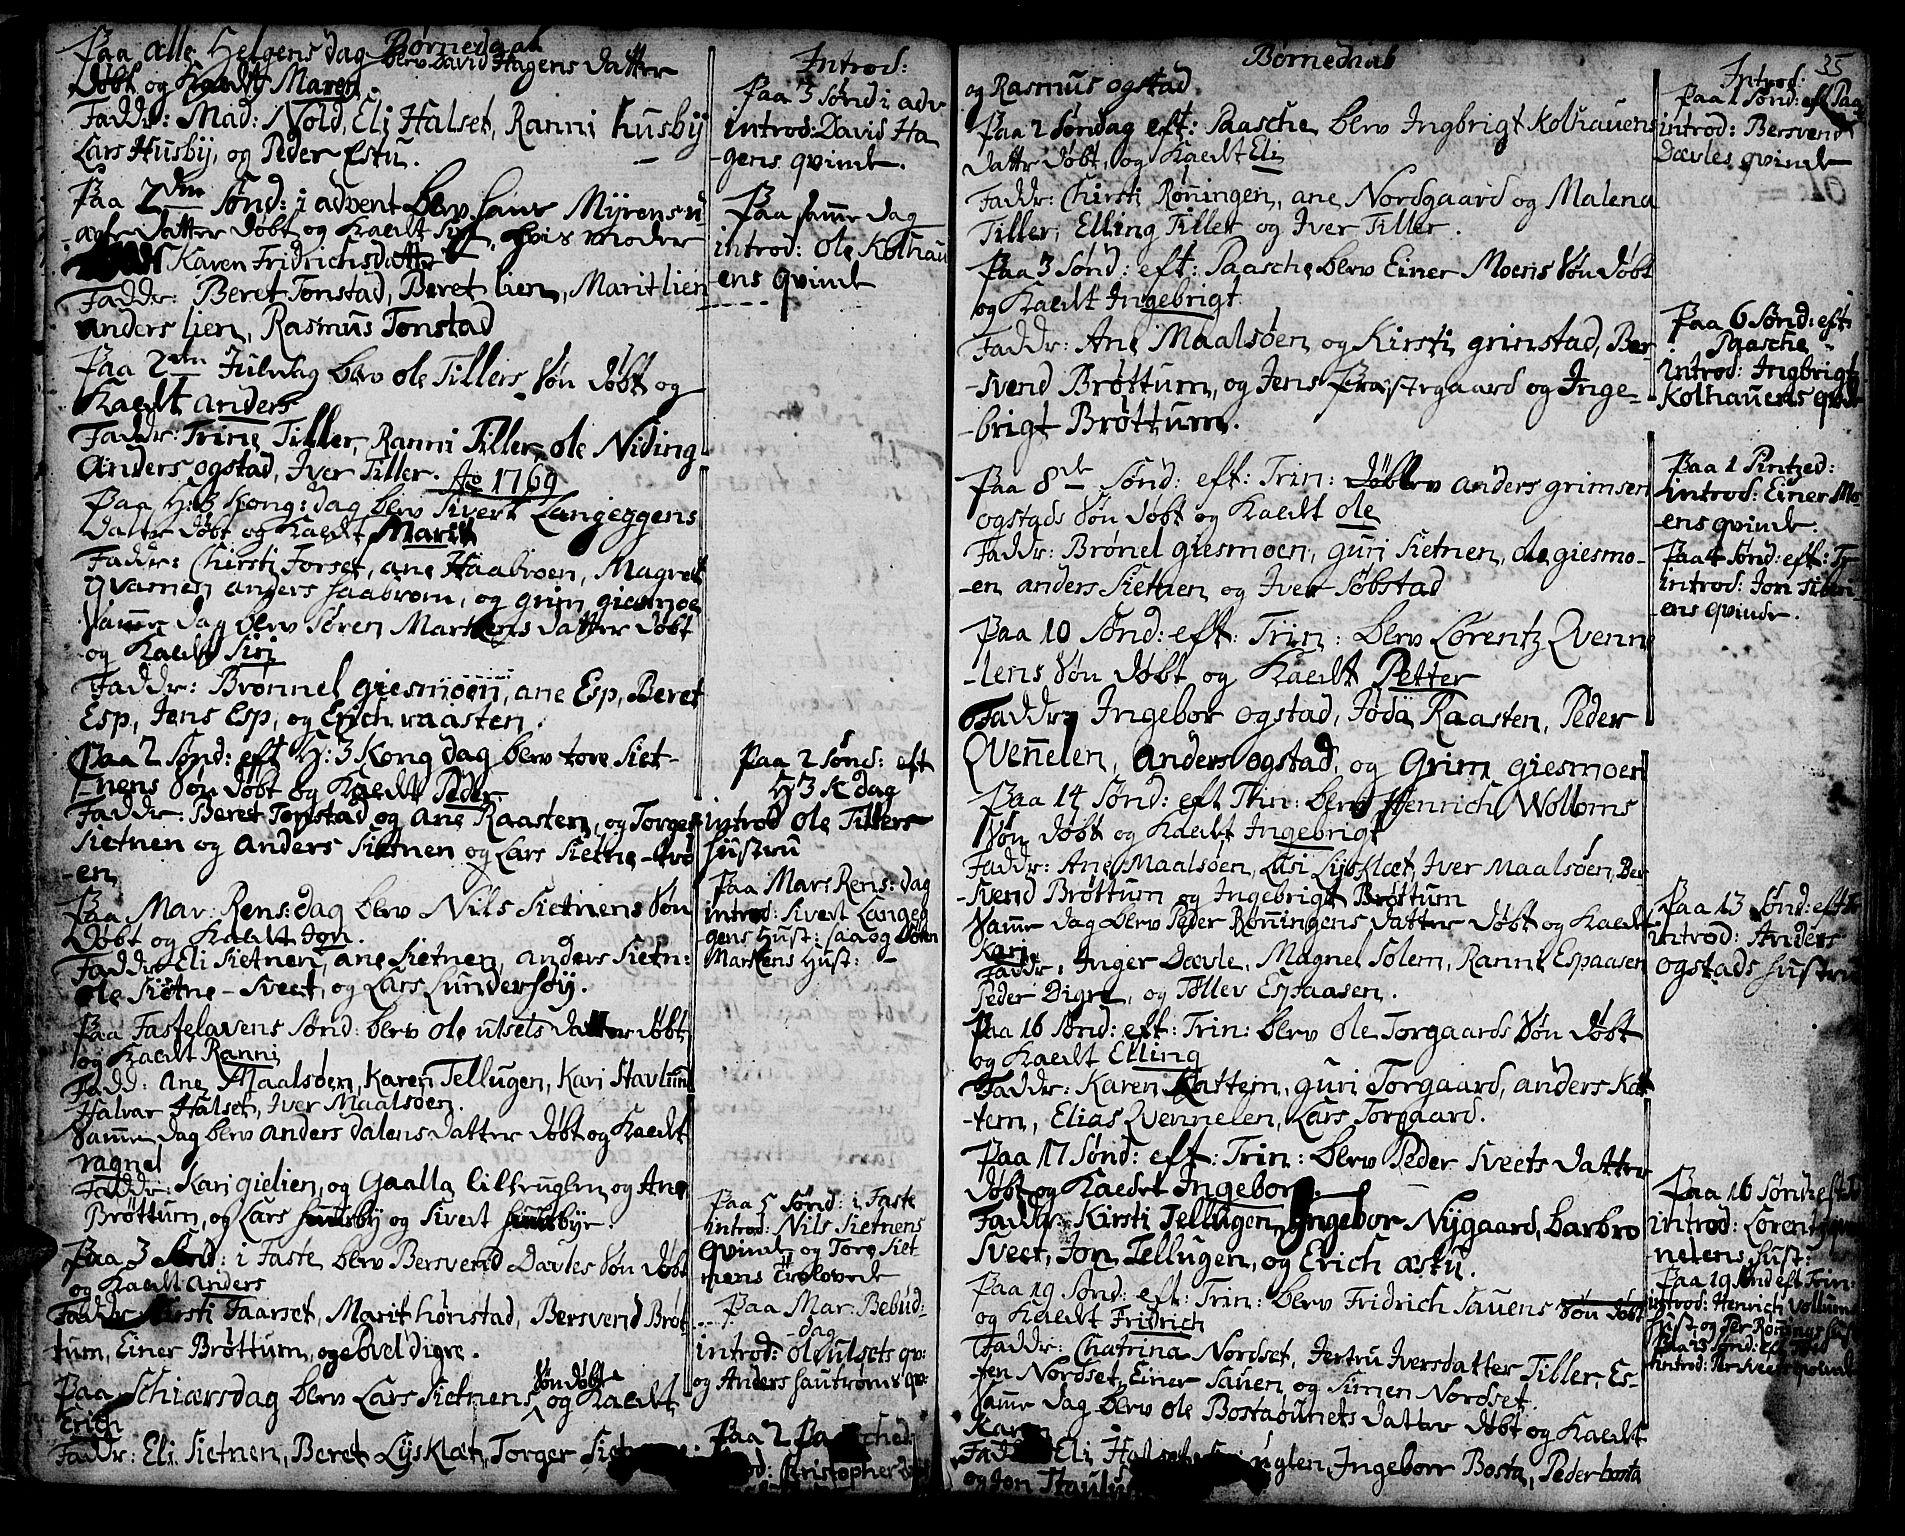 SAT, Ministerialprotokoller, klokkerbøker og fødselsregistre - Sør-Trøndelag, 618/L0437: Ministerialbok nr. 618A02, 1749-1782, s. 35